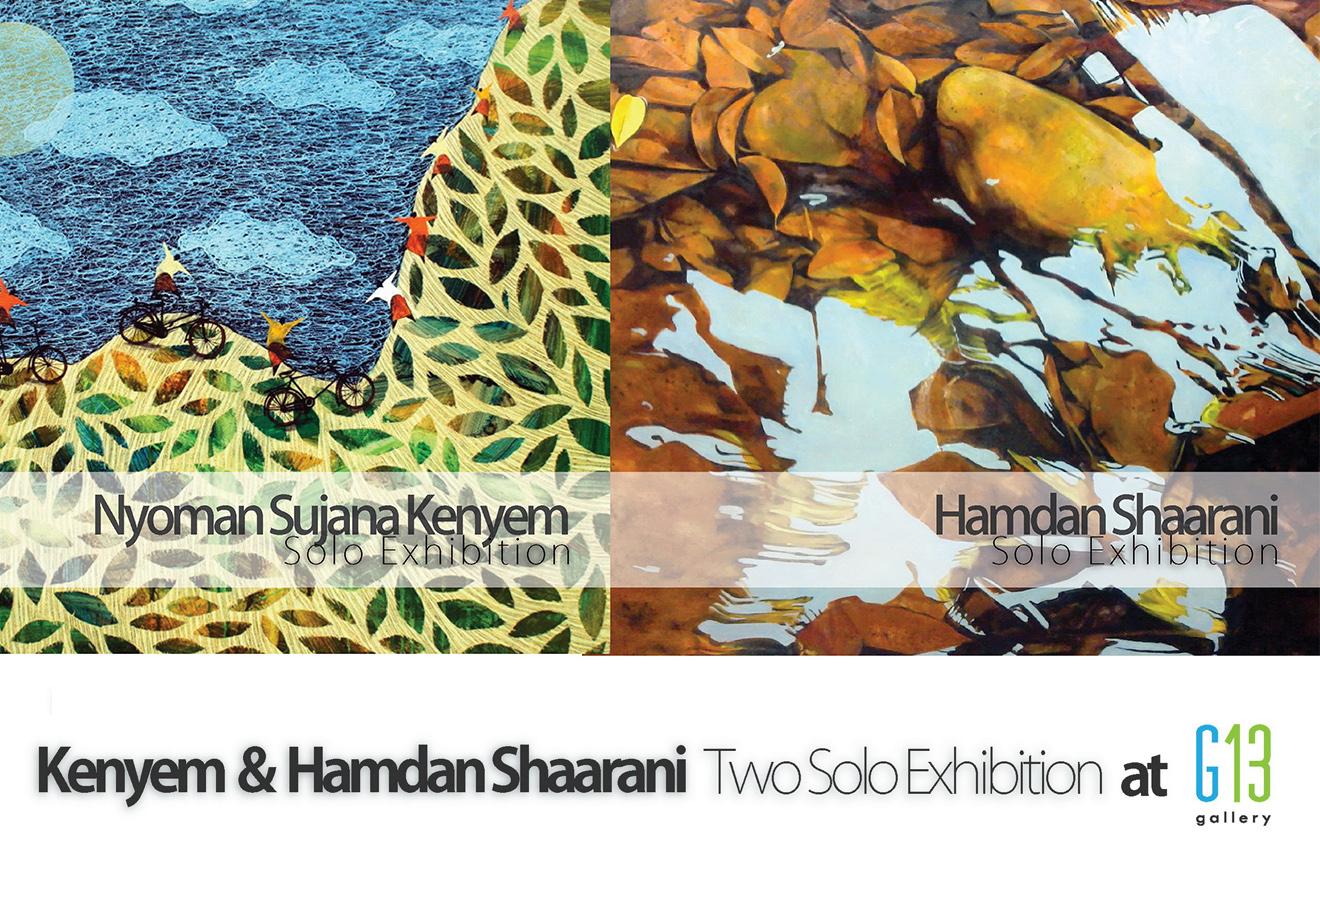 Kenyem & Hamdan Shaarani Two Solo Exhibition